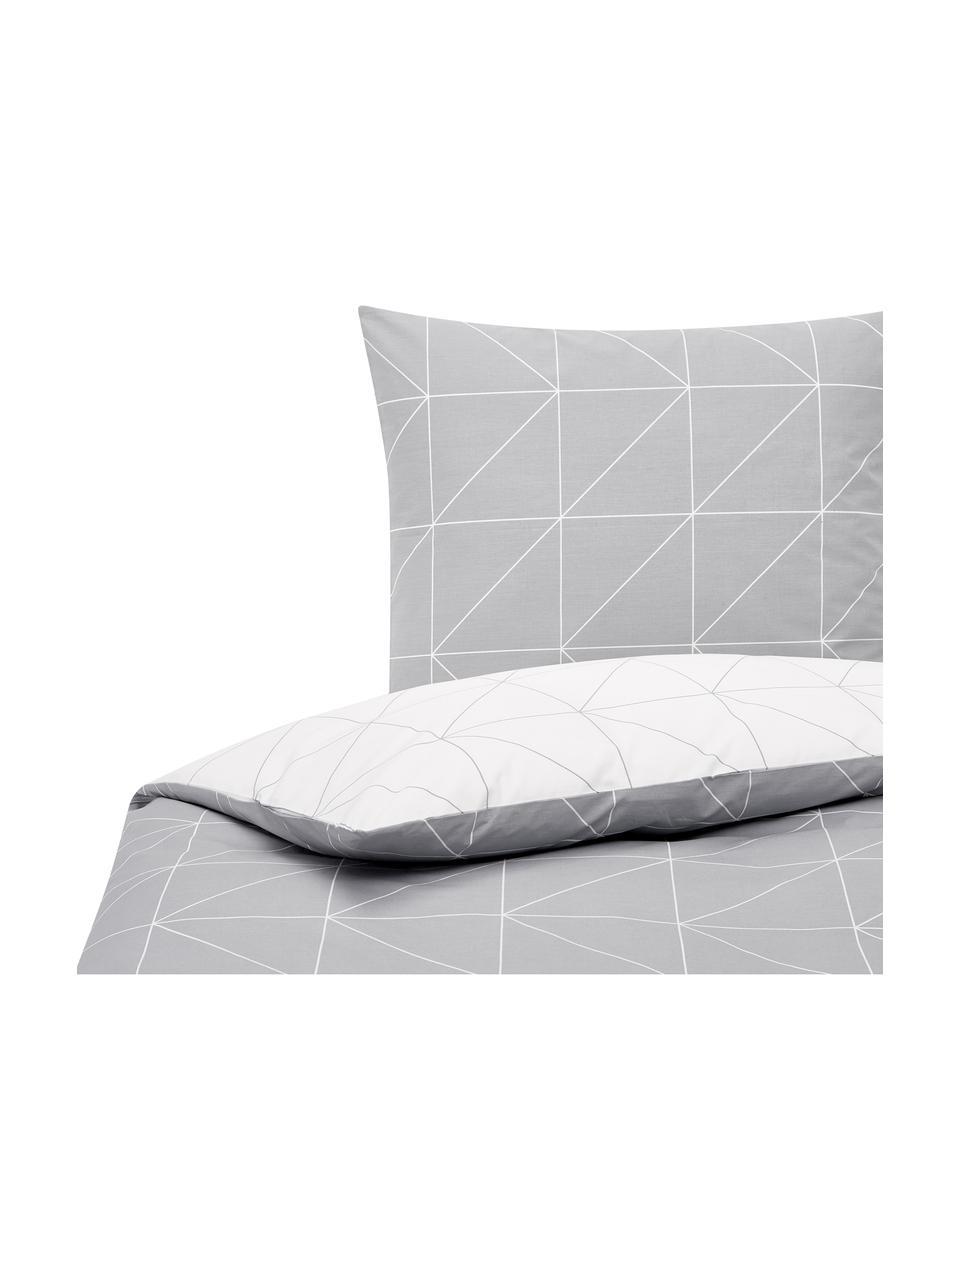 Baumwoll-Wendebettwäsche Marla mit grafischem Muster, Webart: Renforcé Fadendichte 144 , Grau, Weiß, 135 x 200 cm + 1 Kissen 80 x 80 cm